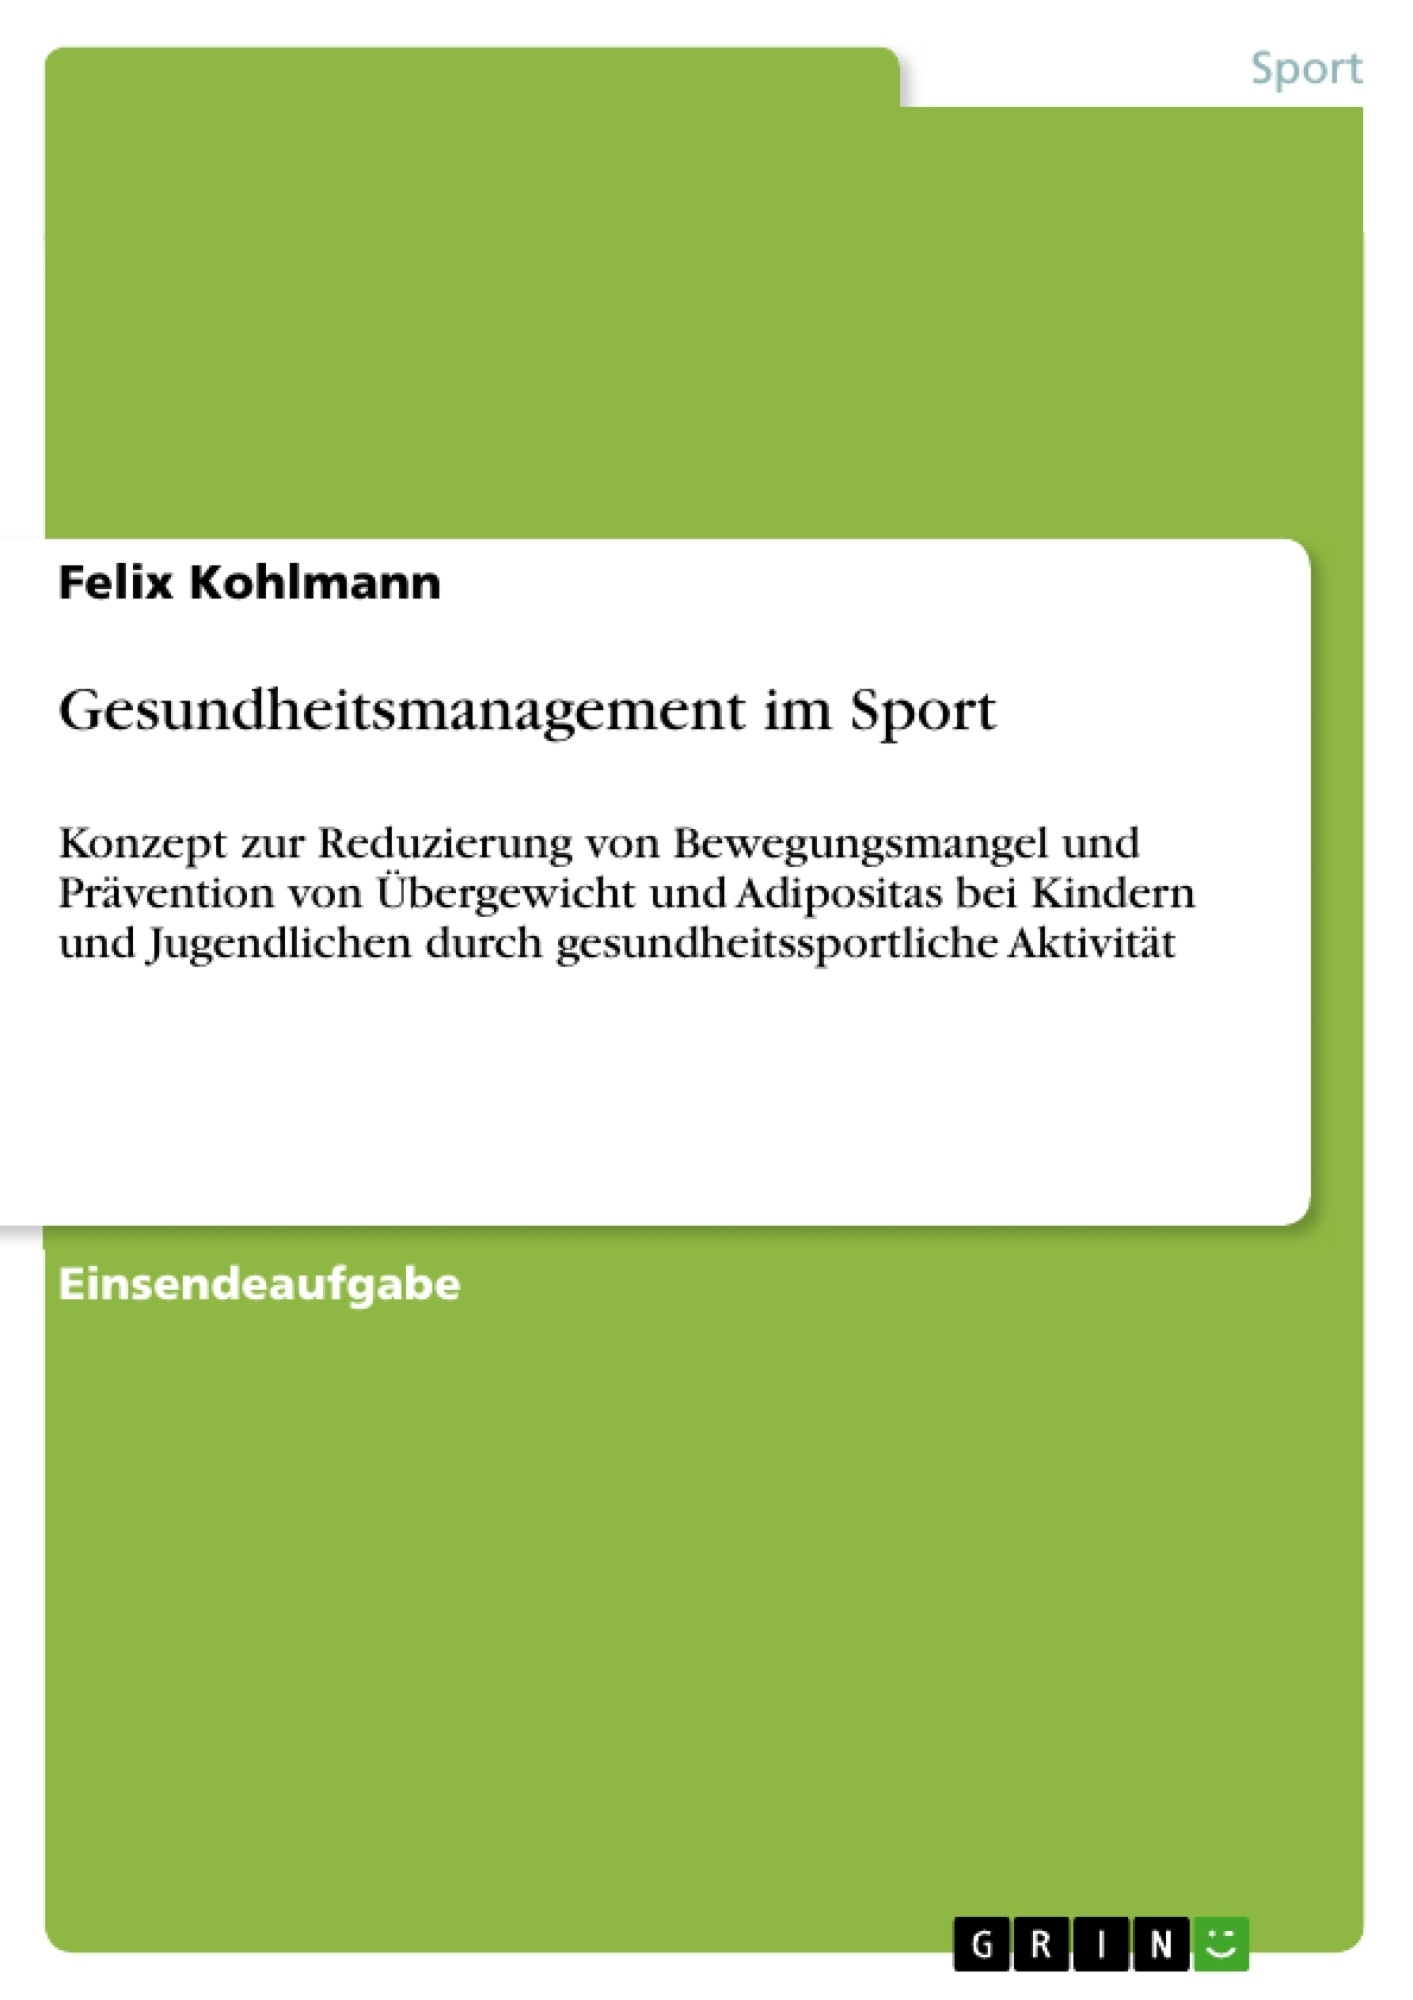 Titel: Gesundheitsmanagement im Sport